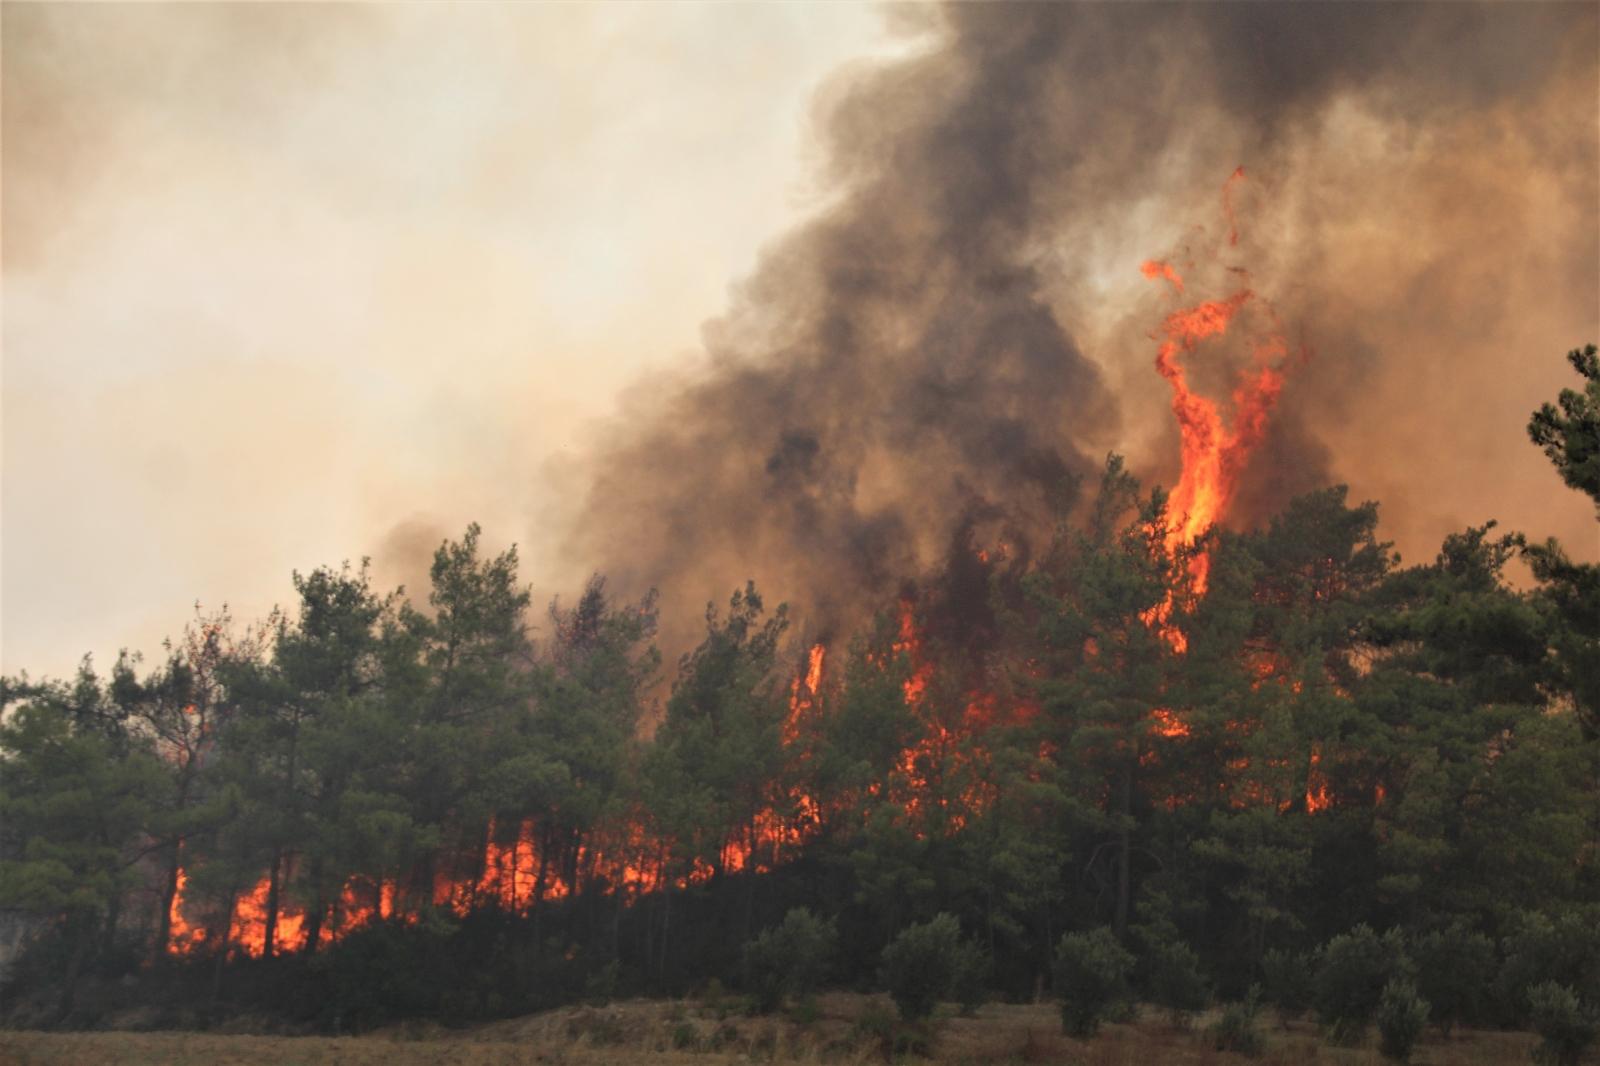 Orman Yangınları İle Mücadele Eden Antalya'ya Yağmur Müjdesi